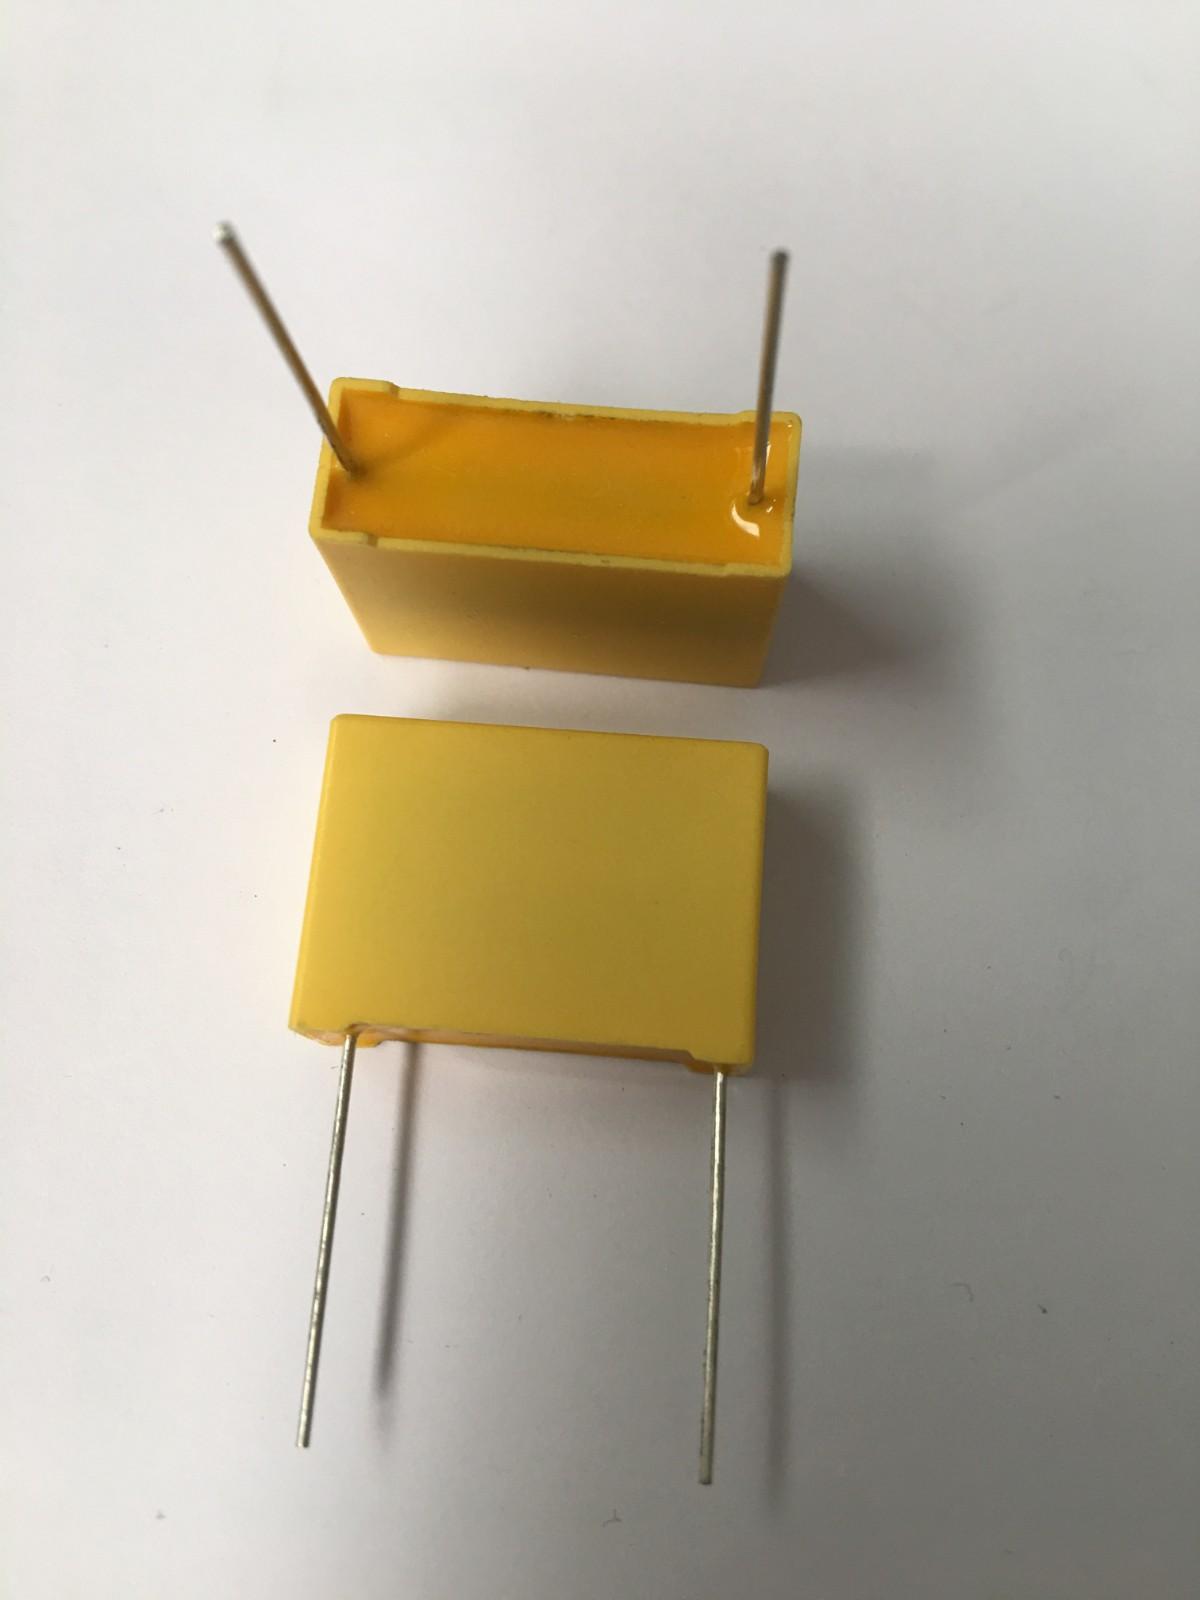 阻容降压专用X2安规电容 225K安规电容 额定电压 310V